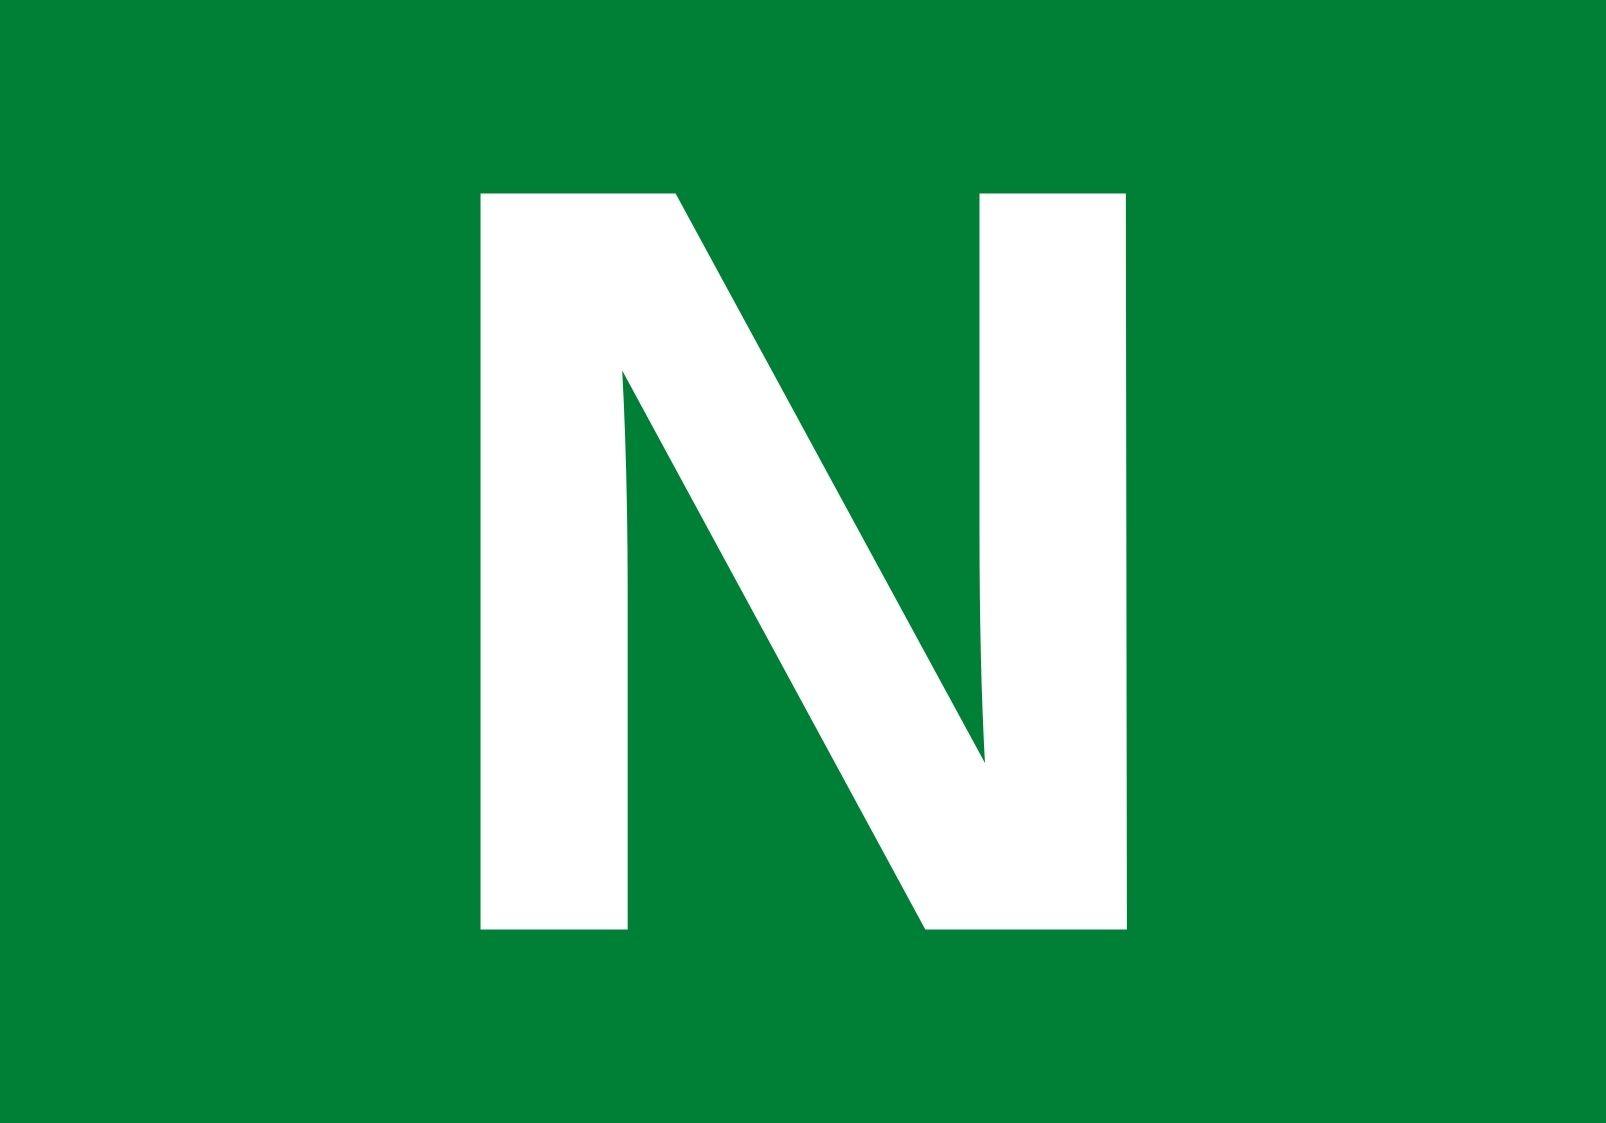 NEMZETI AUDIOVIZUÁLIS ARCHÍVUM (NAVA)